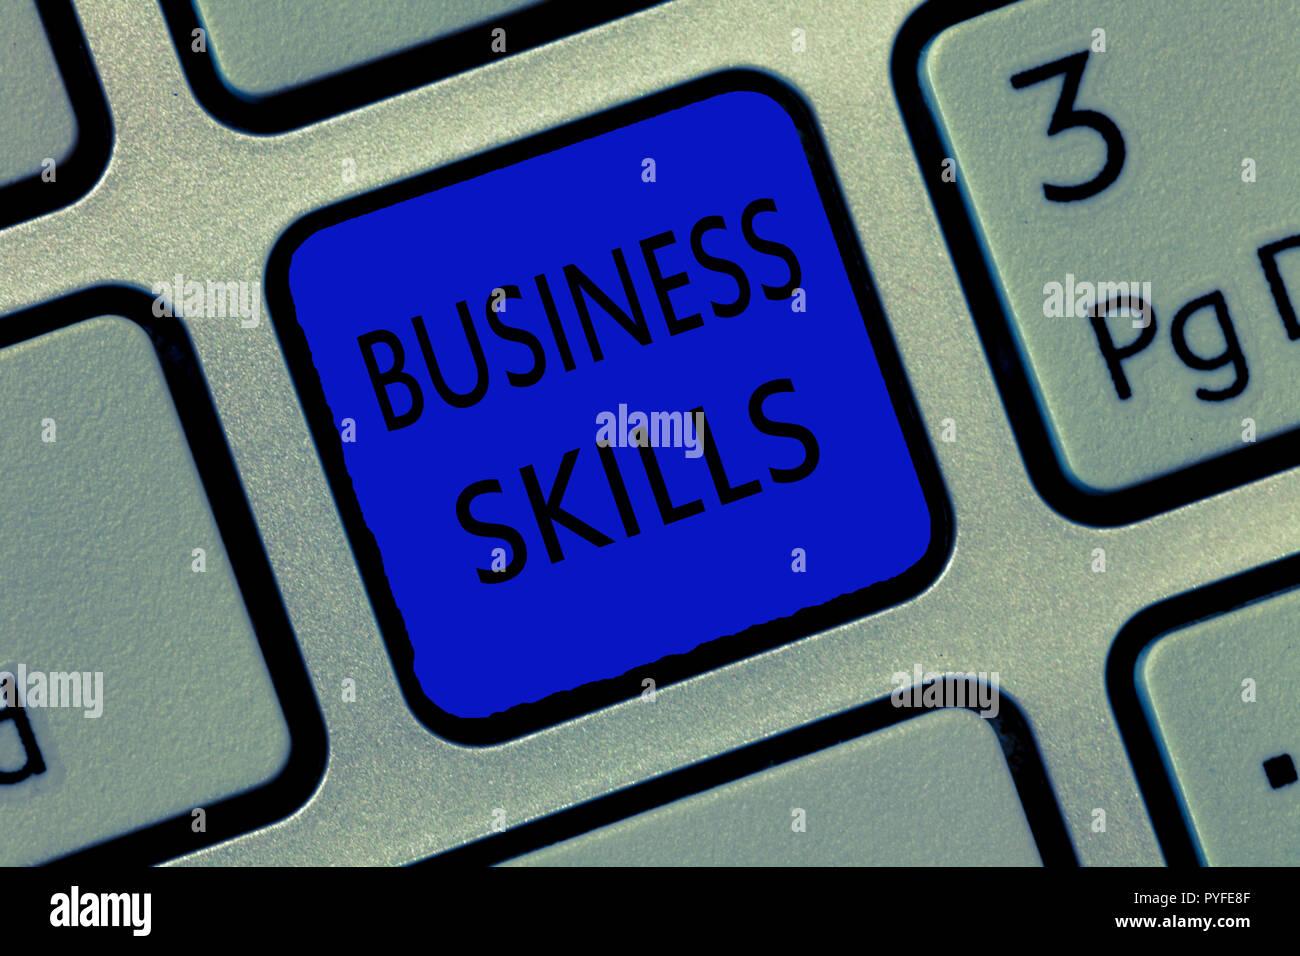 Escribir nota mostrando habilidades de negocios. Foto de negocios mostrando una capacidad para adquirir esfuerzo sistemático de funciones de trabajo. Imagen De Stock